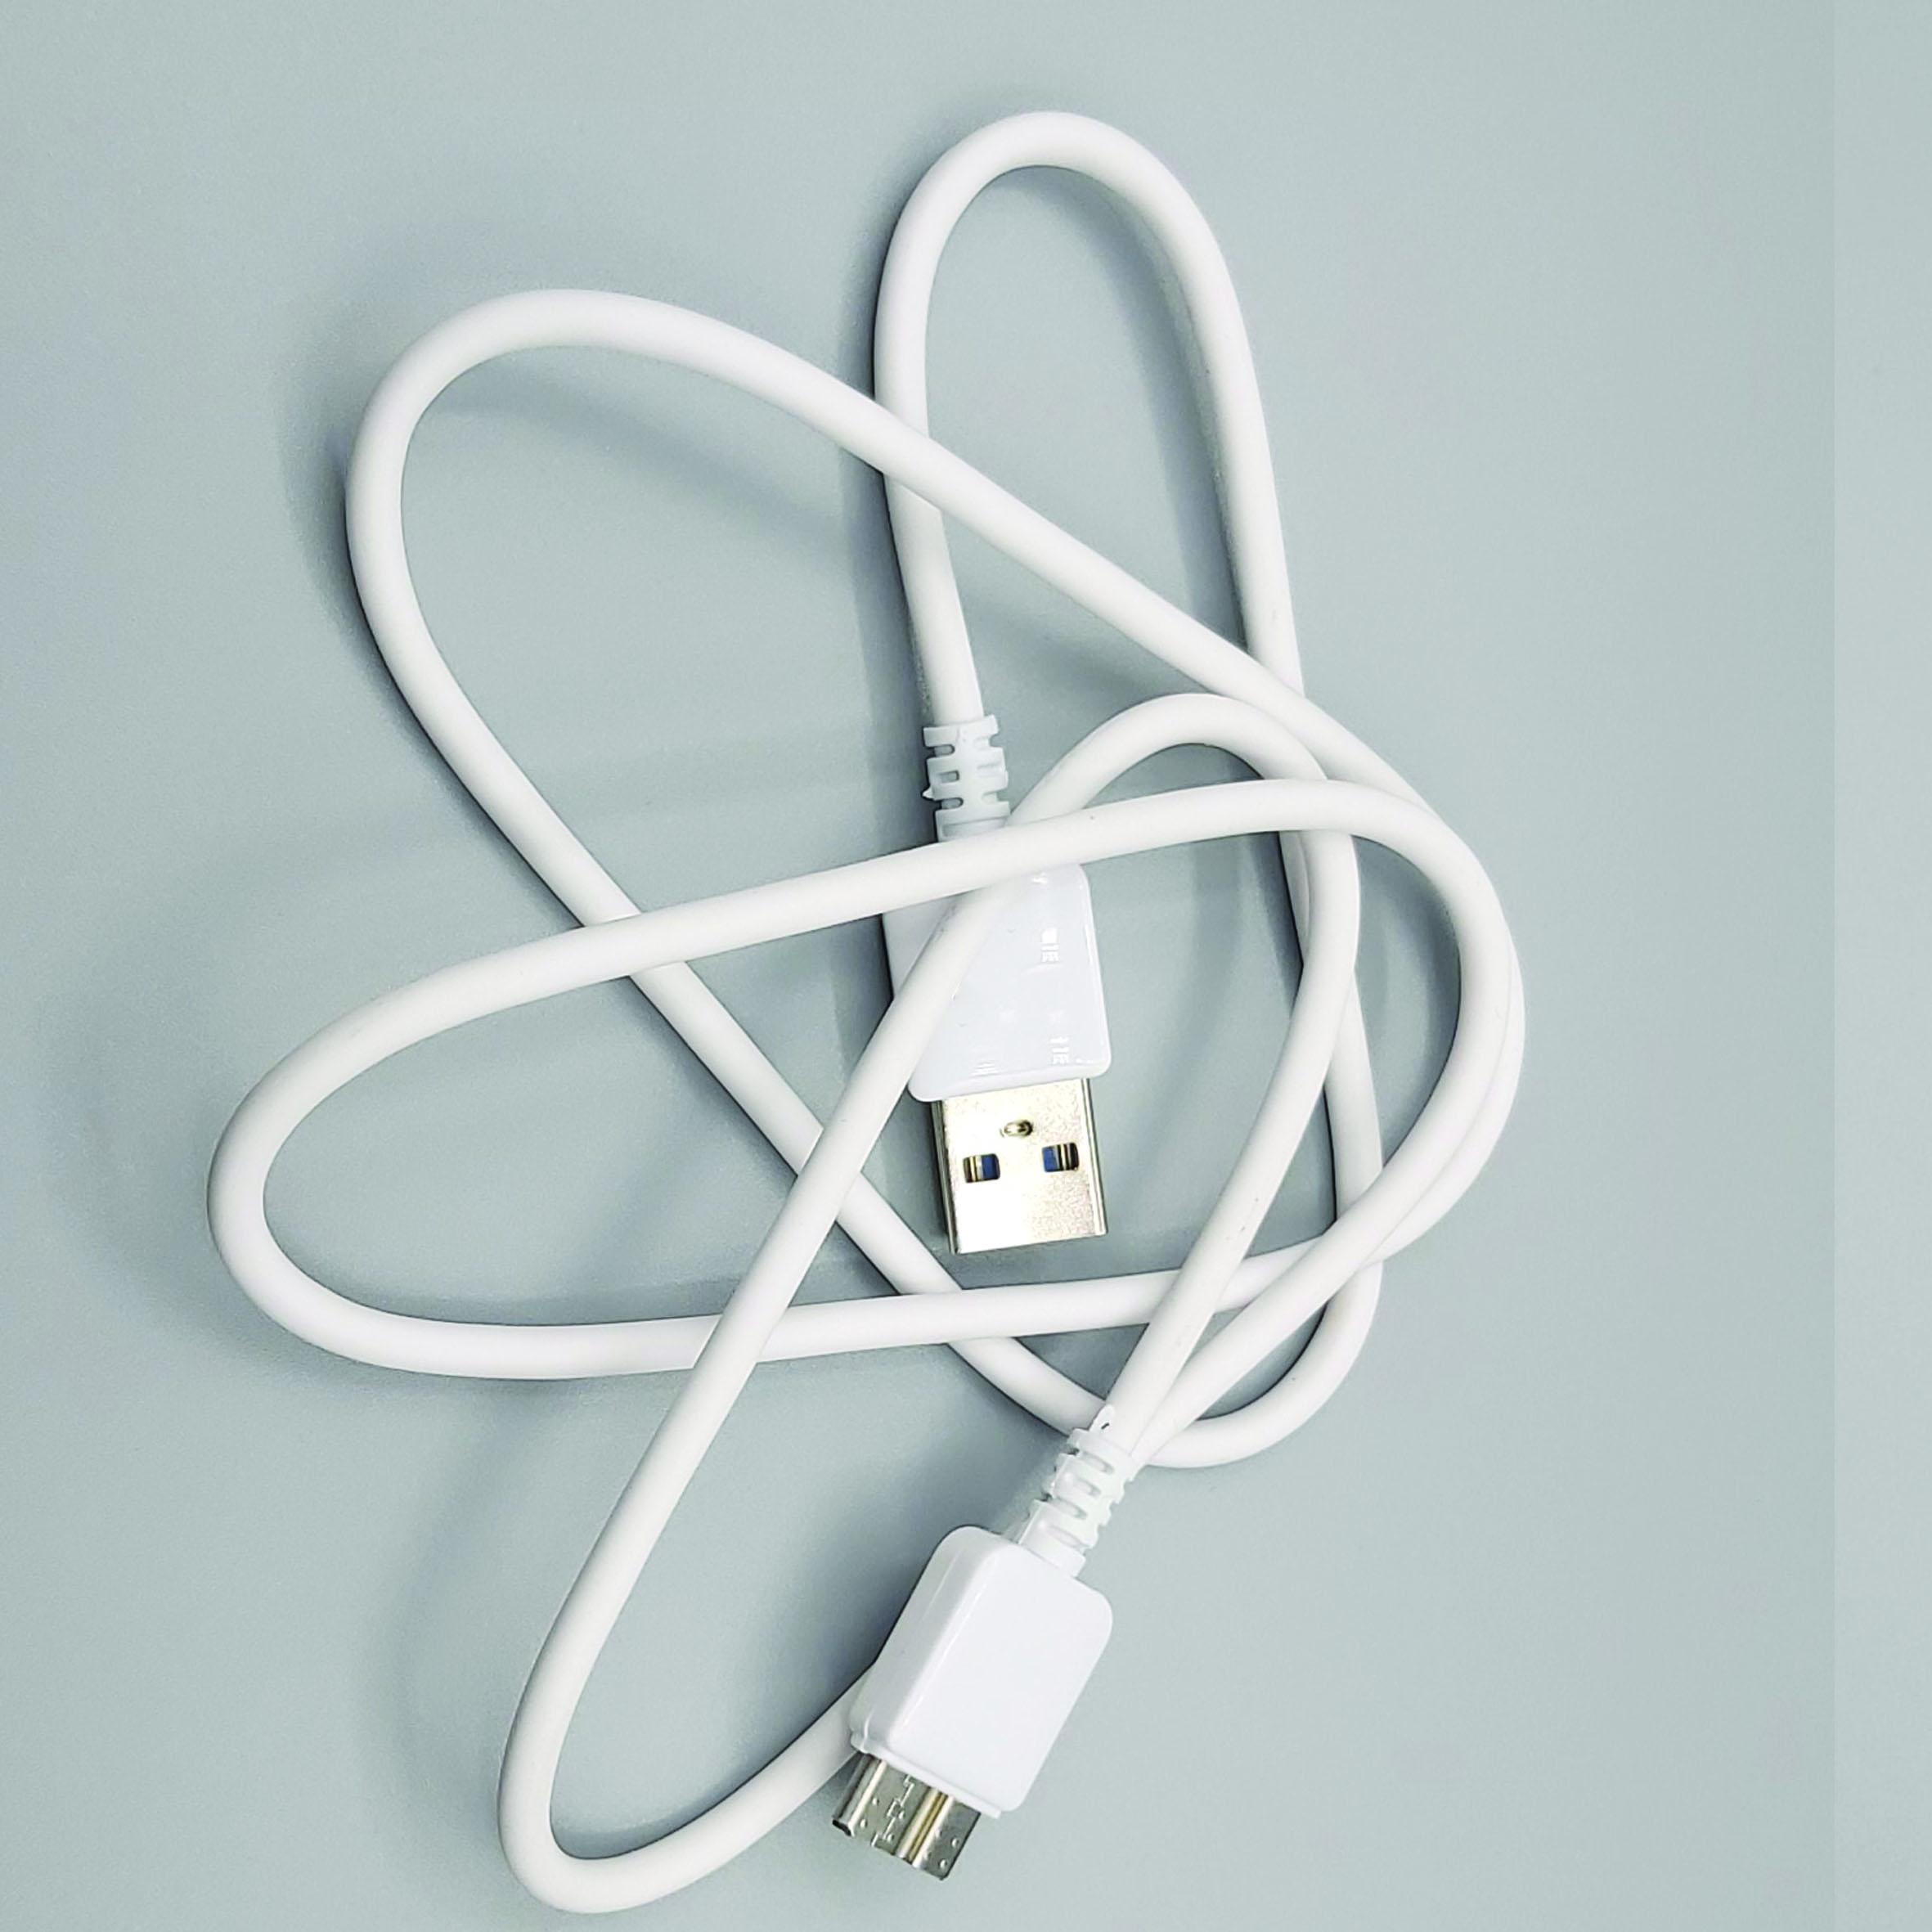 کابل تبدیل USBبه microB مدل NOTE3 طول 1.2 متر